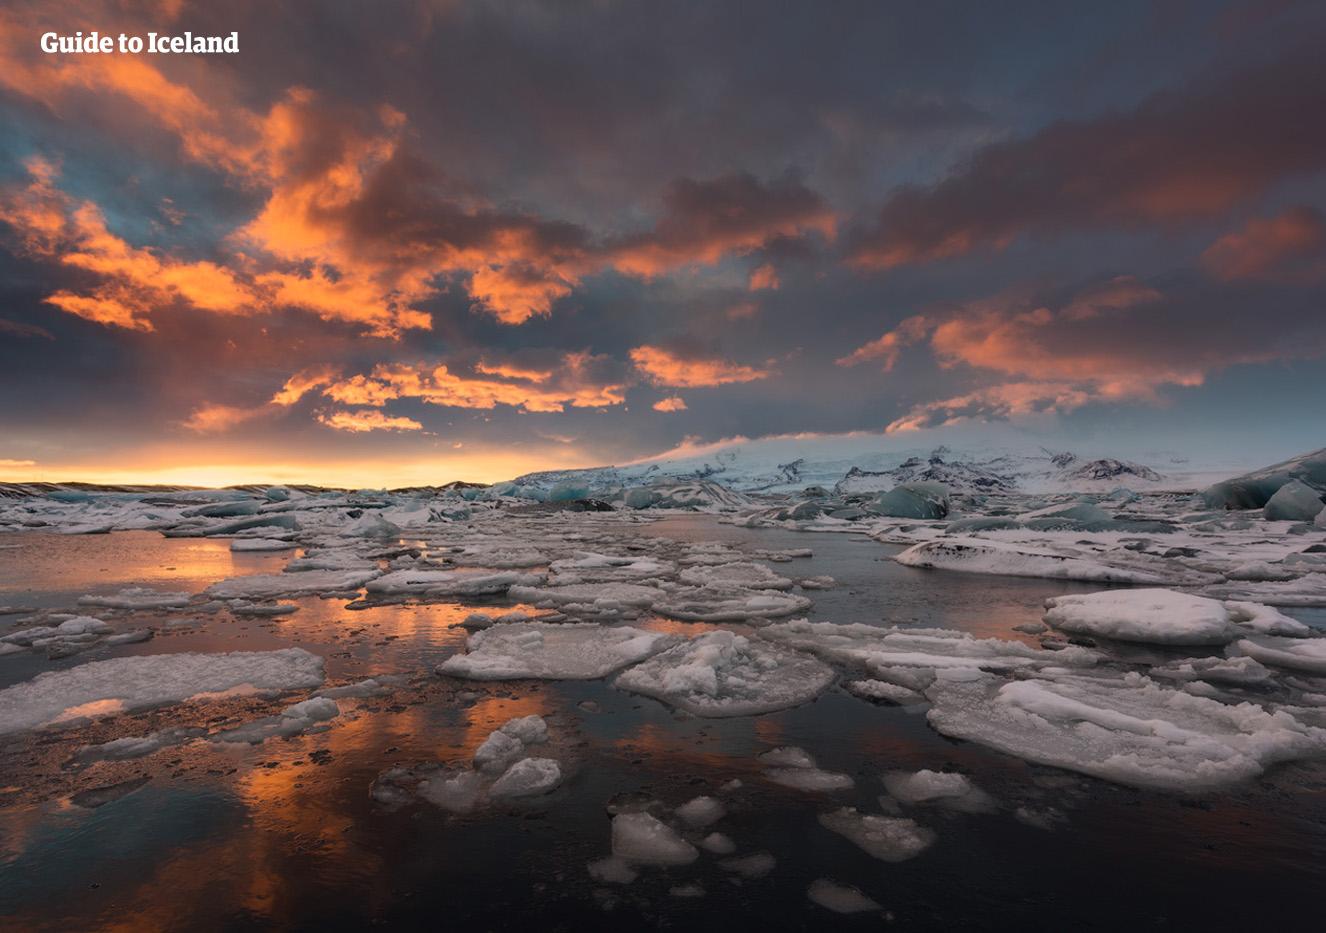 아이슬란드 대자연의 백미라 불리는 요쿨살론 빙하 호수.